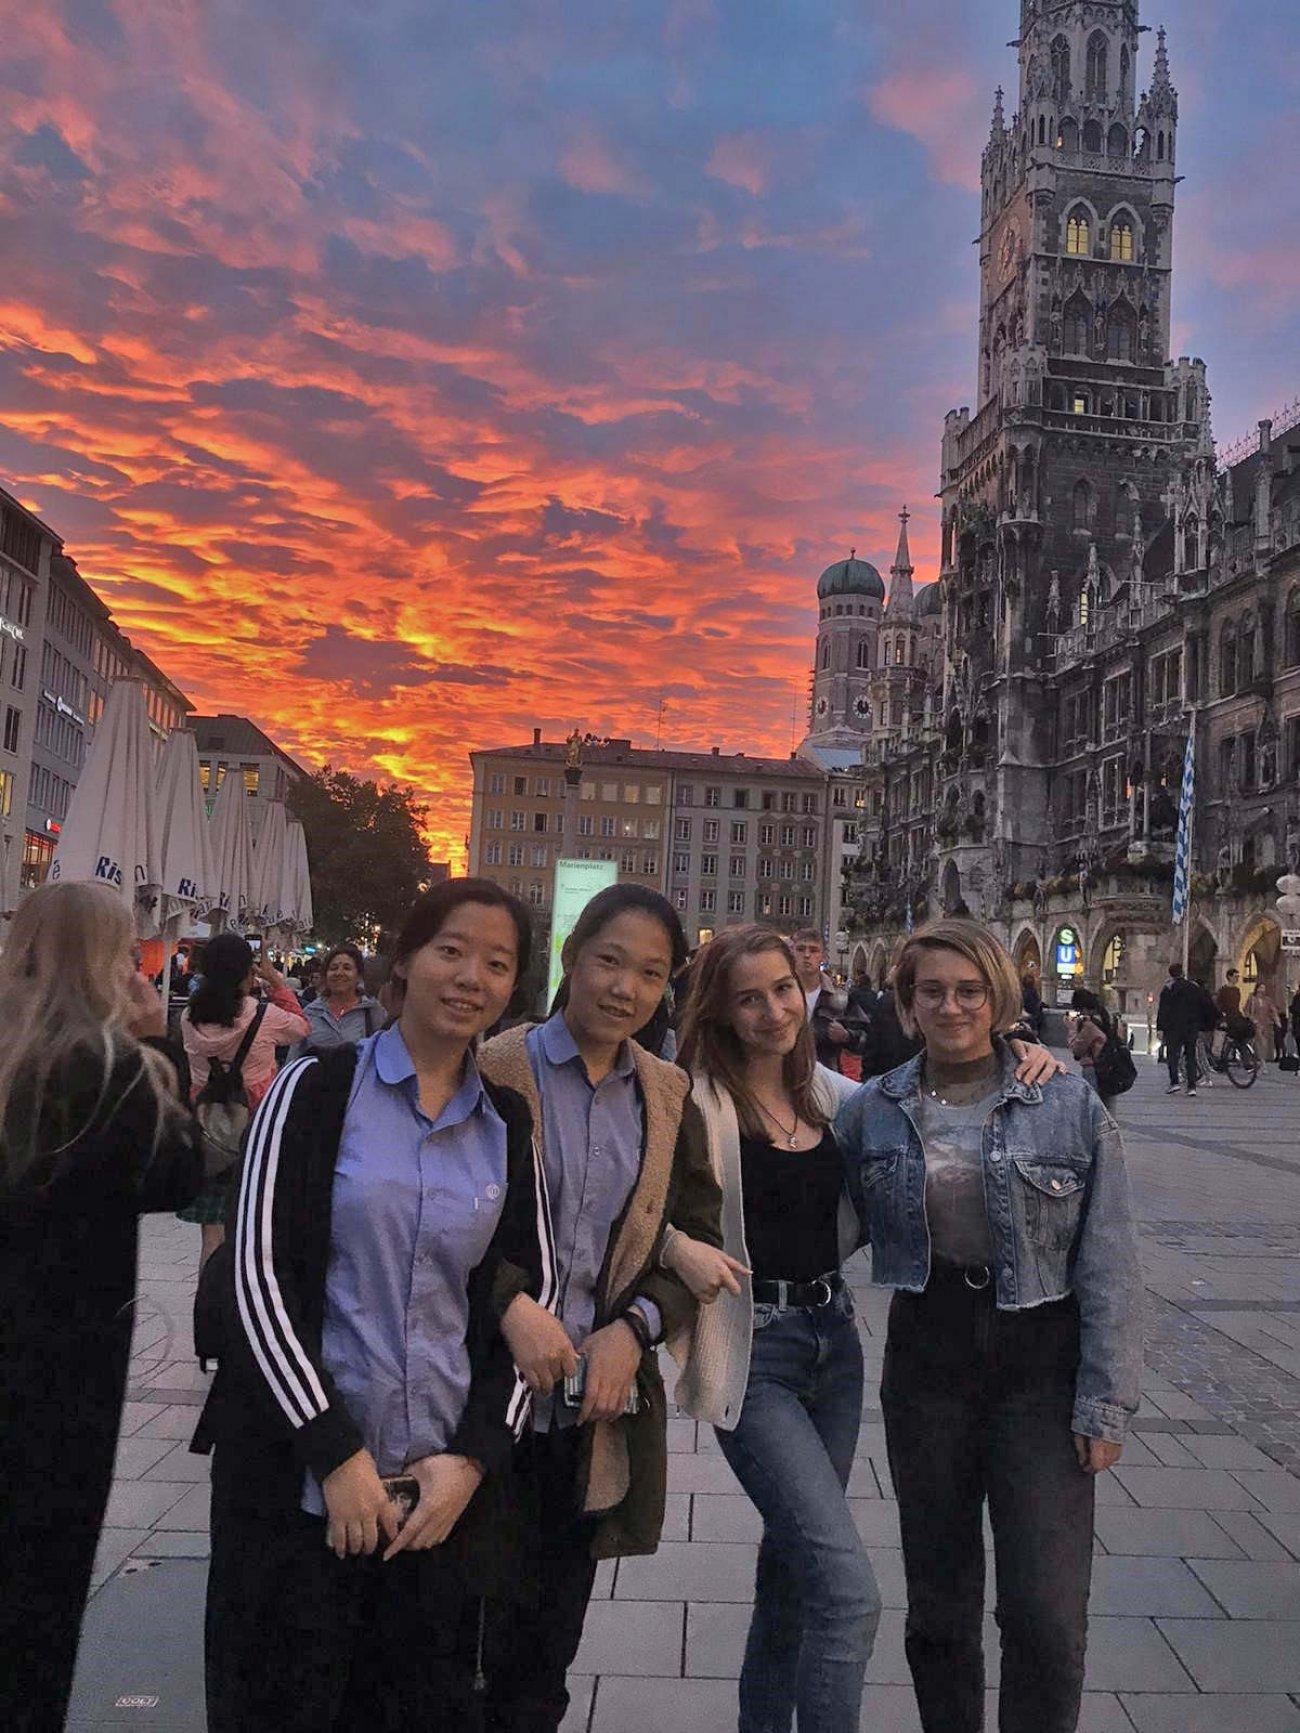 Beeindruckende Impression aus München